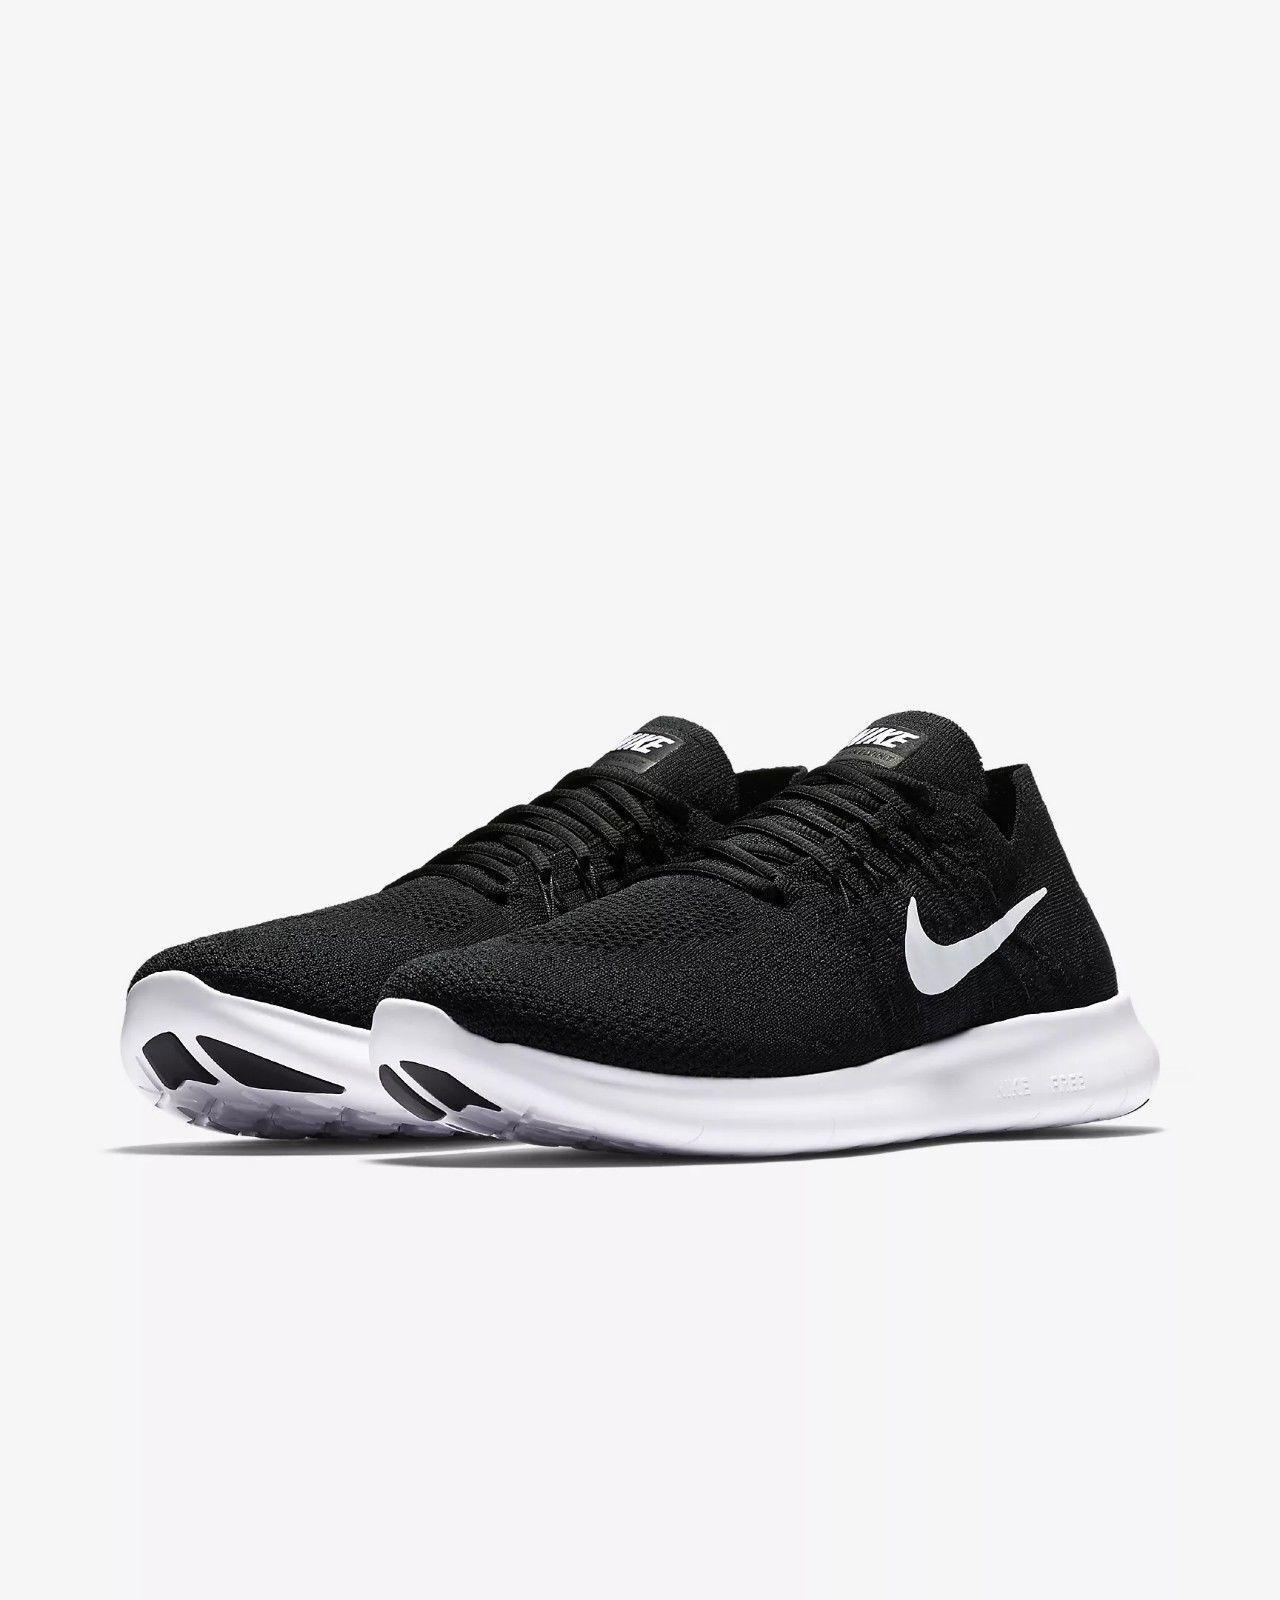 Men's Nike Free RN Flyknit 2017 Running Black/White Sizes 8-13 NIB 880843-001